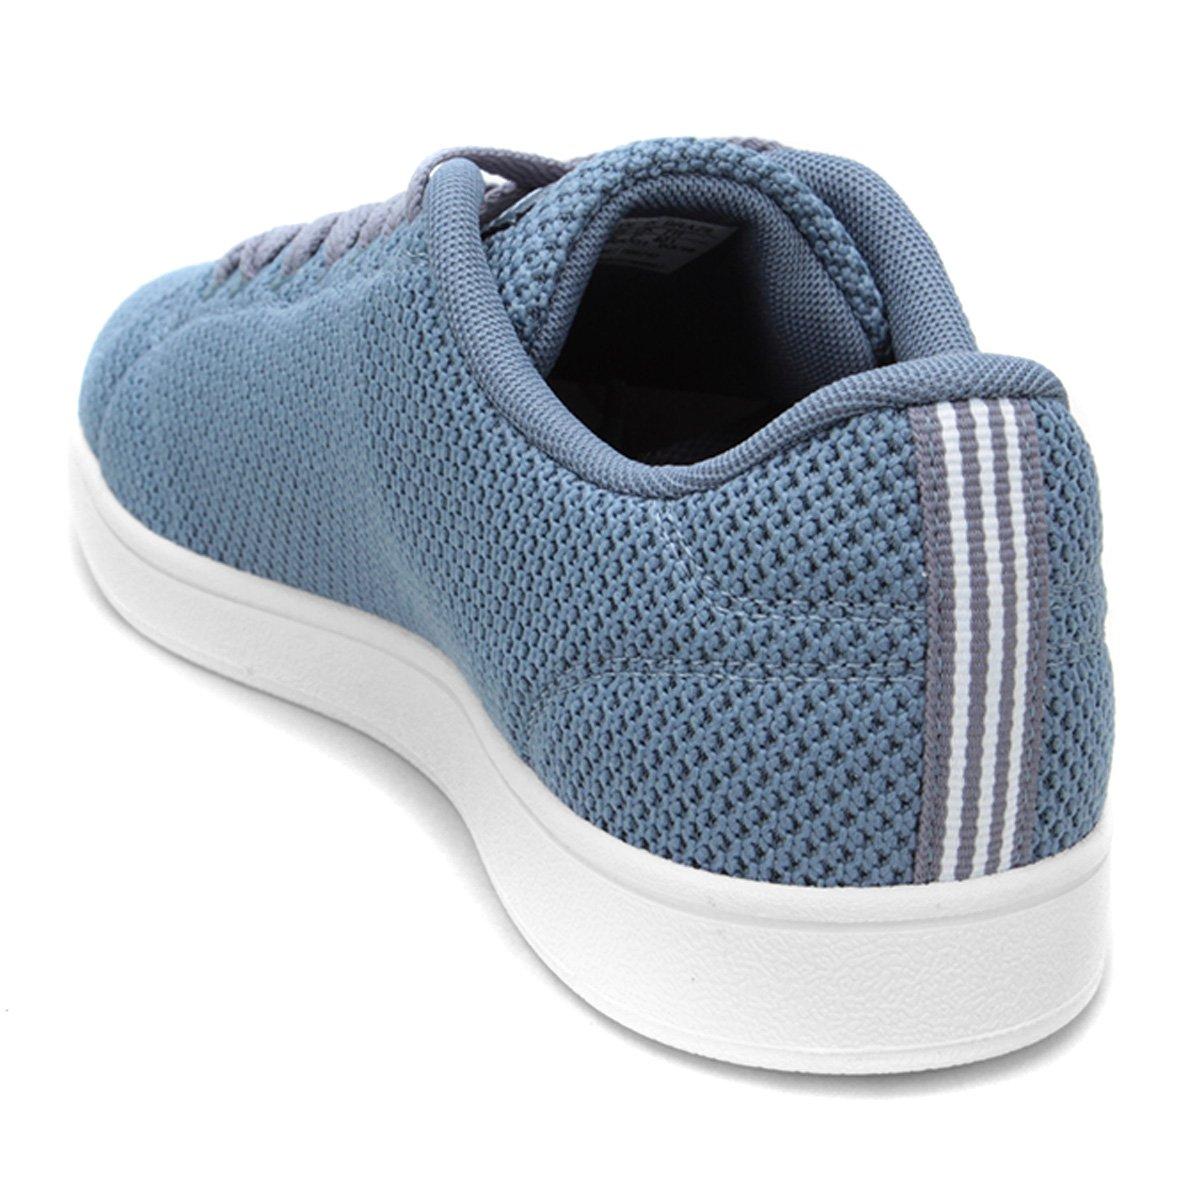 625b3c44a Tênis Adidas Vs Advantage Clean Masculino | Livelo -Sua Vida com Mais  Recompensas